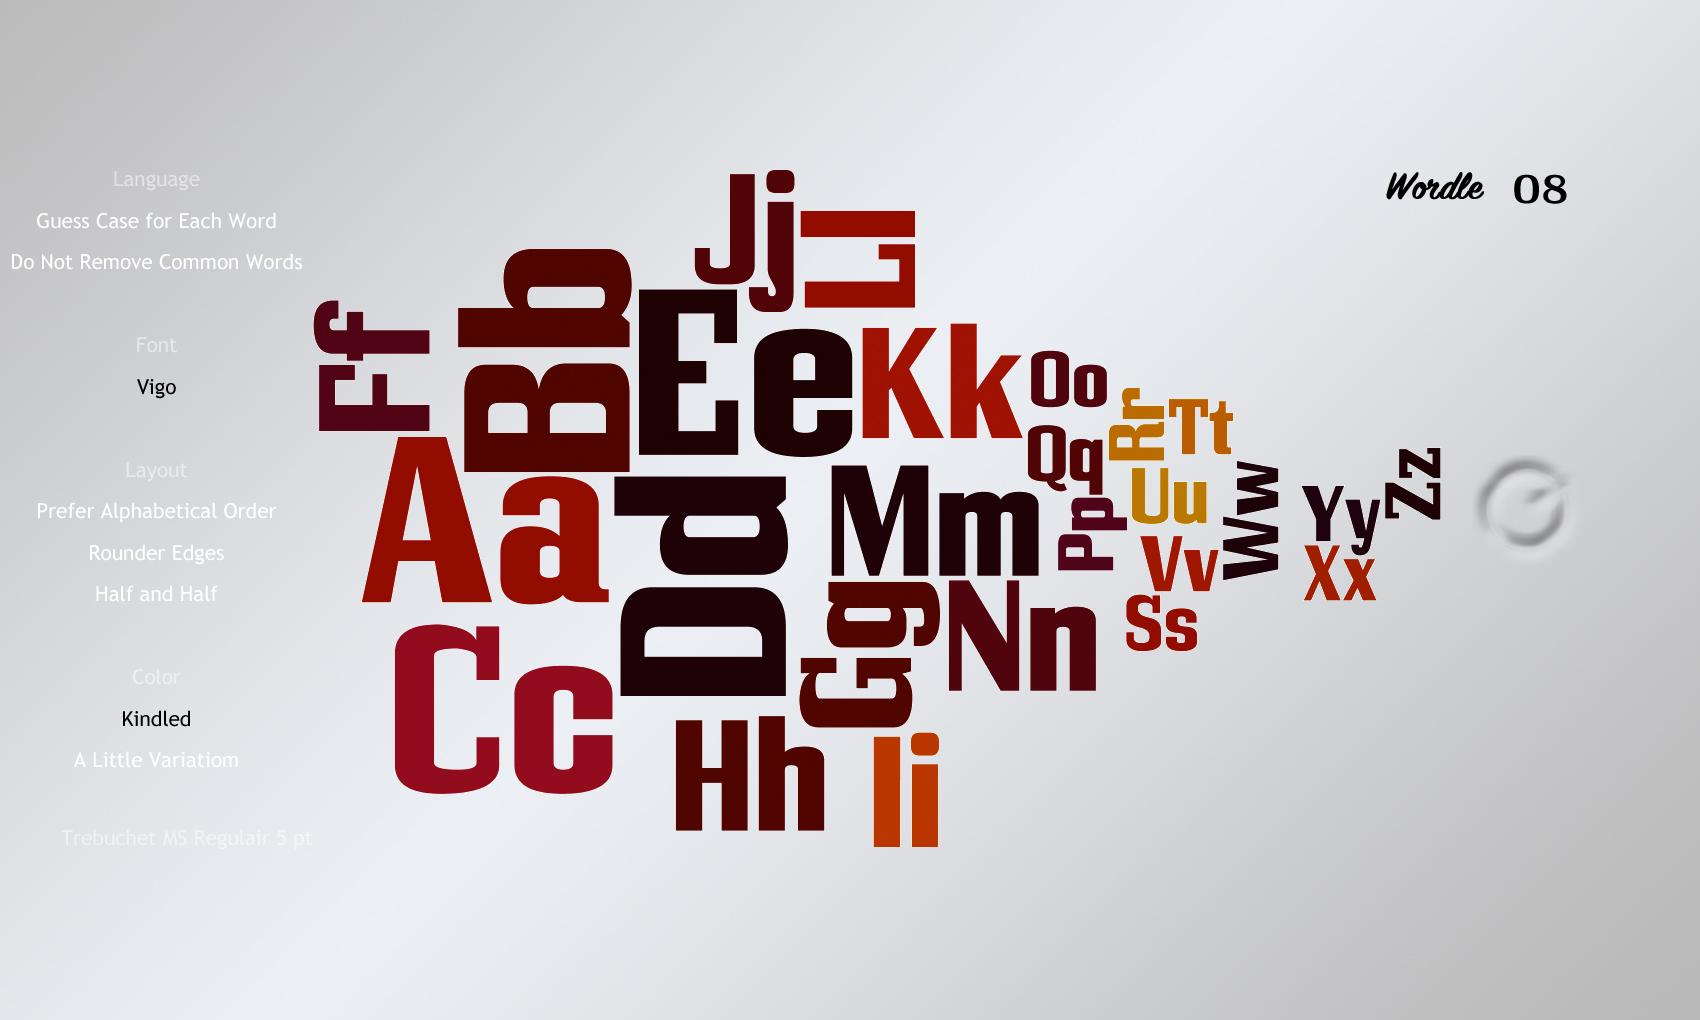 Wordle 08 Vigo